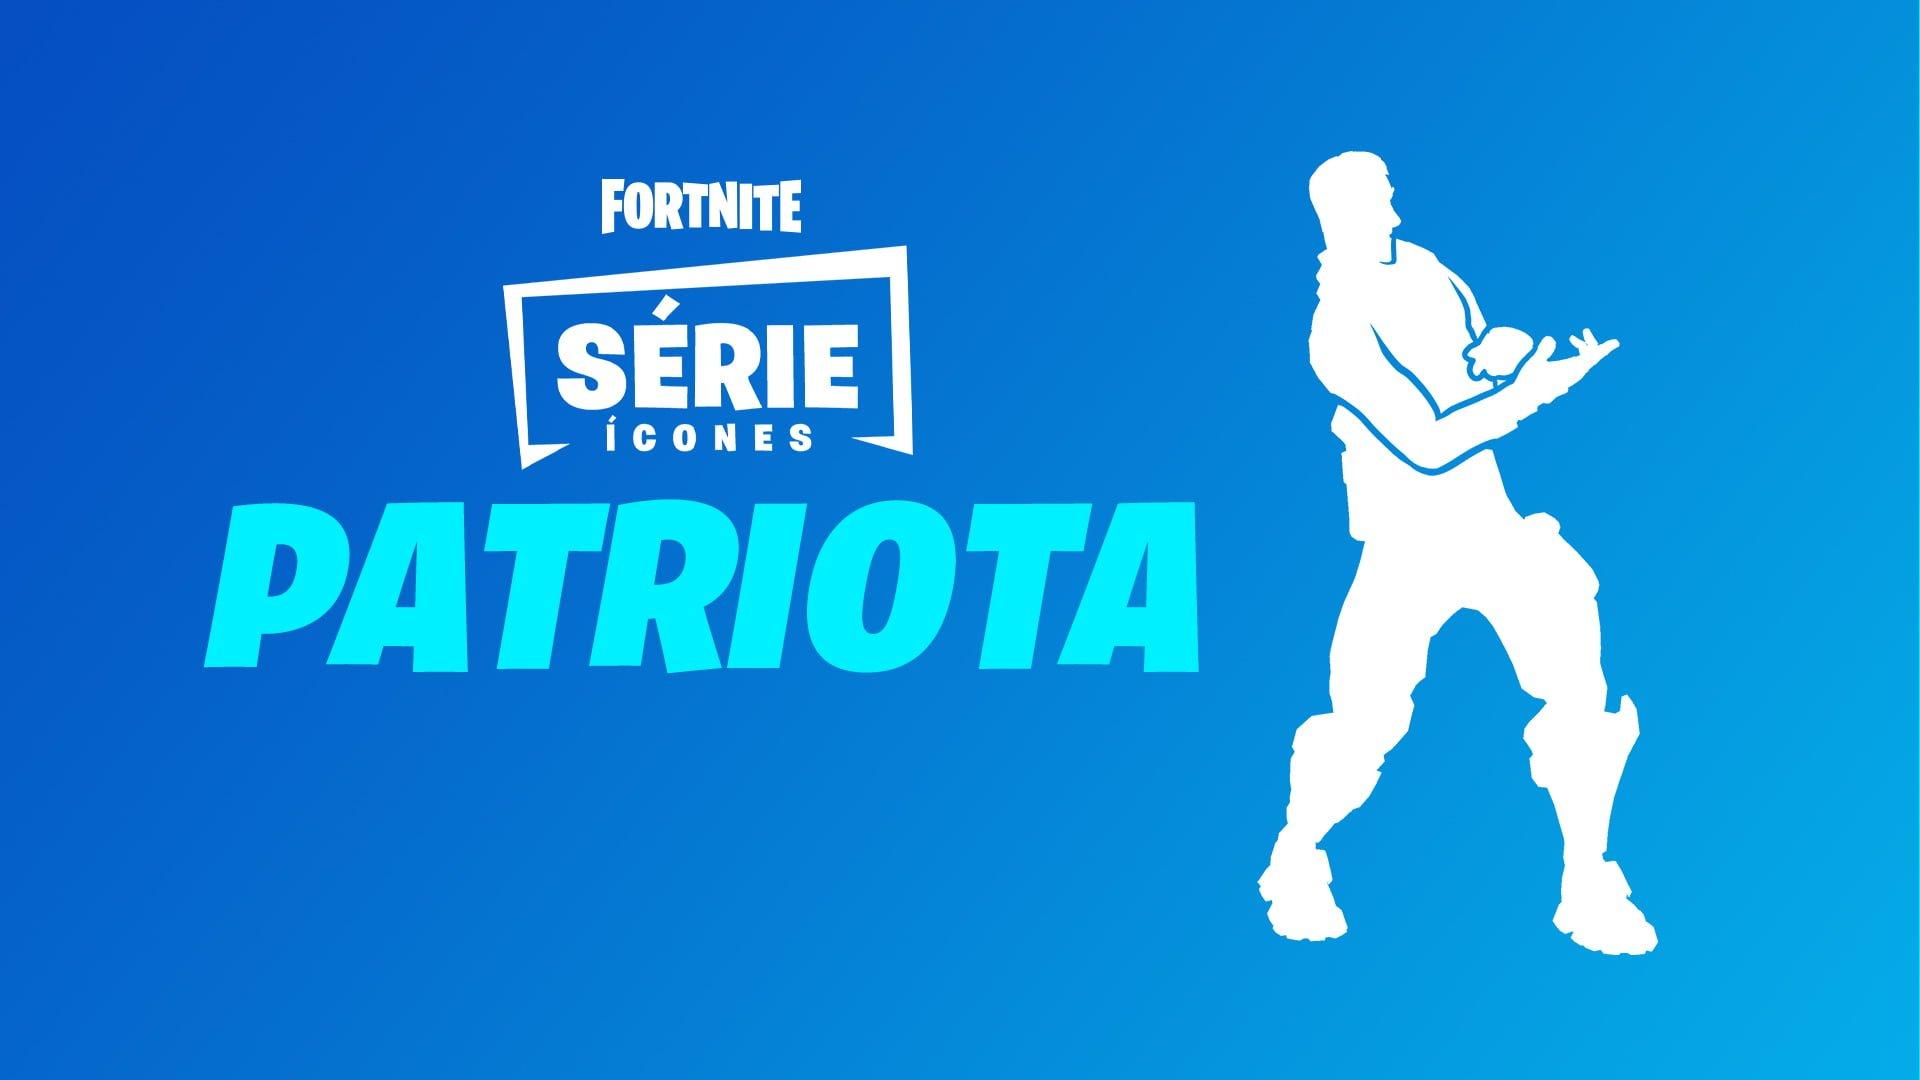 """O streamer """"PATRIOTA"""" é homenageado pelo jogo Fortnite"""